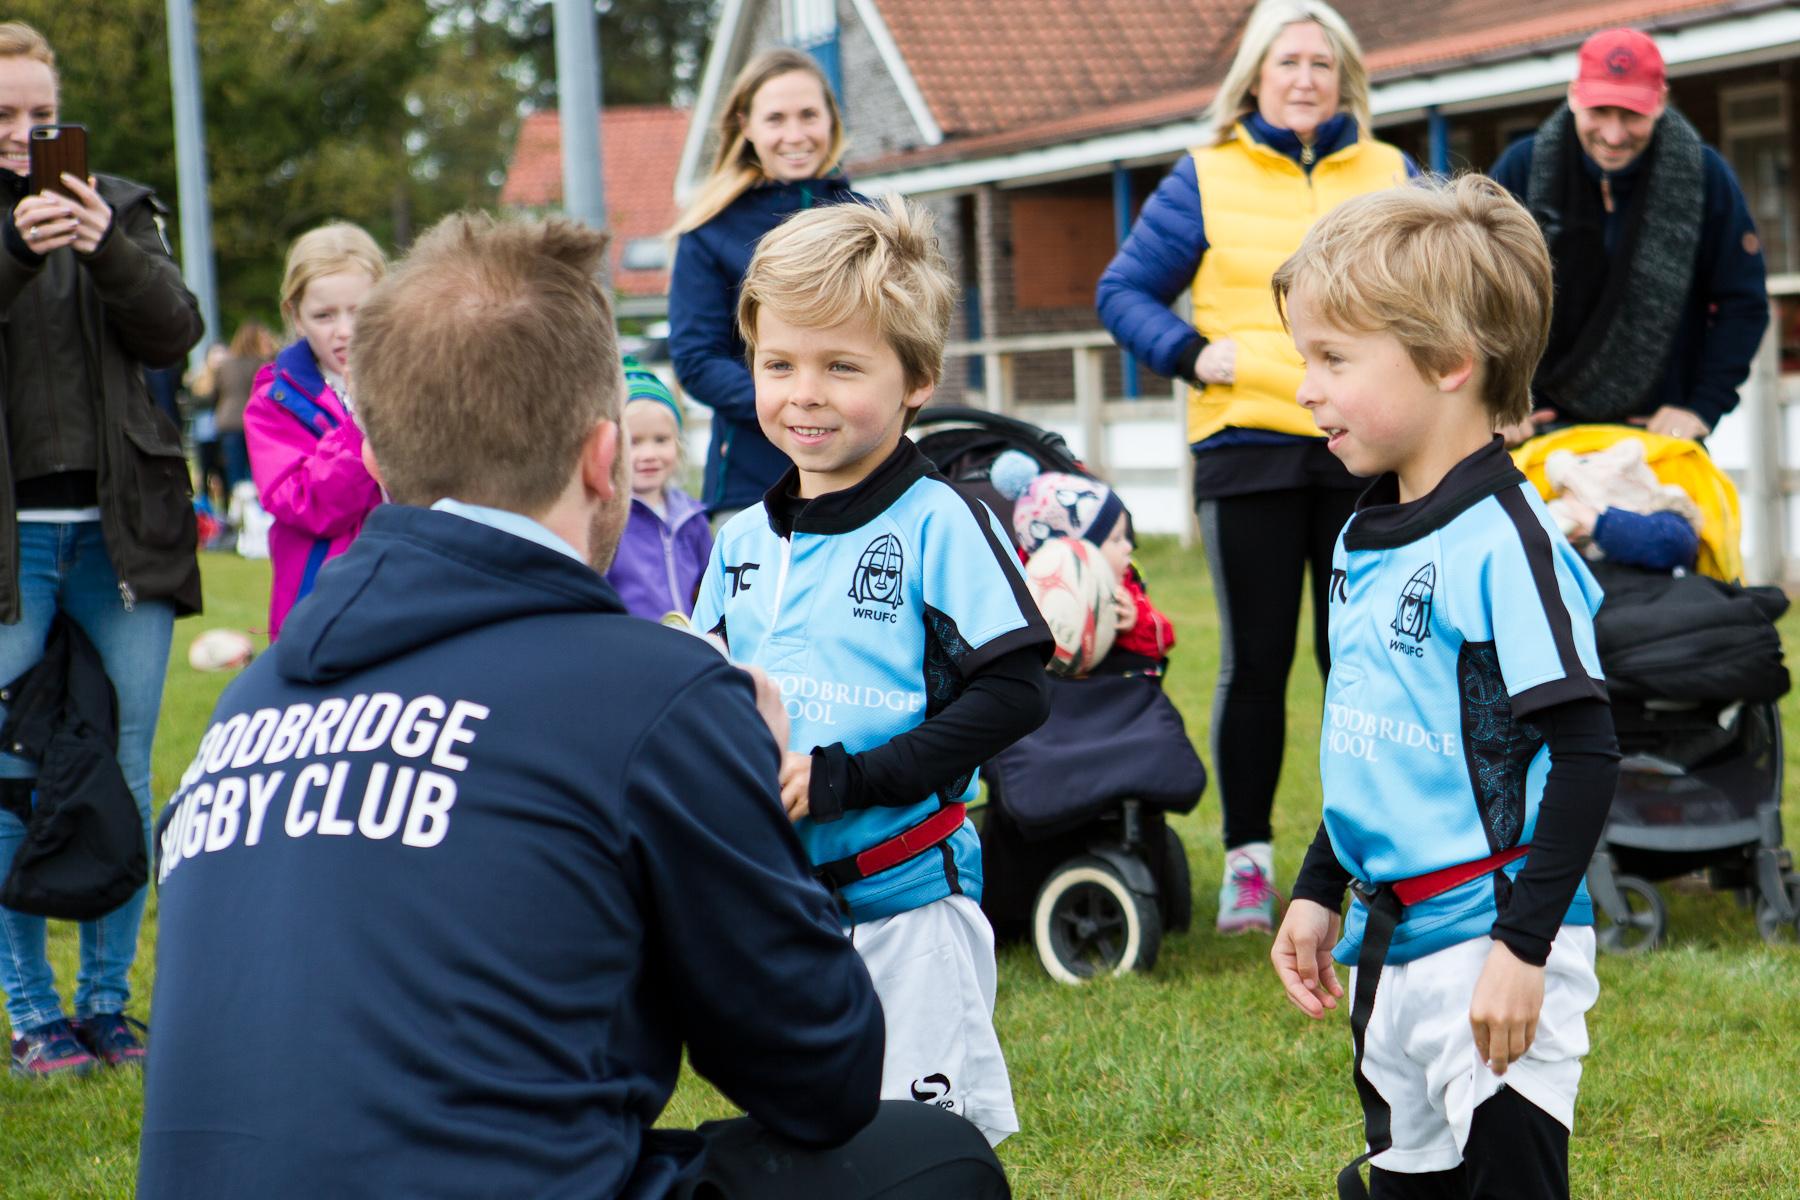 Woodbridge Rugby Club Youth Awards 5_5_19-8.jpg